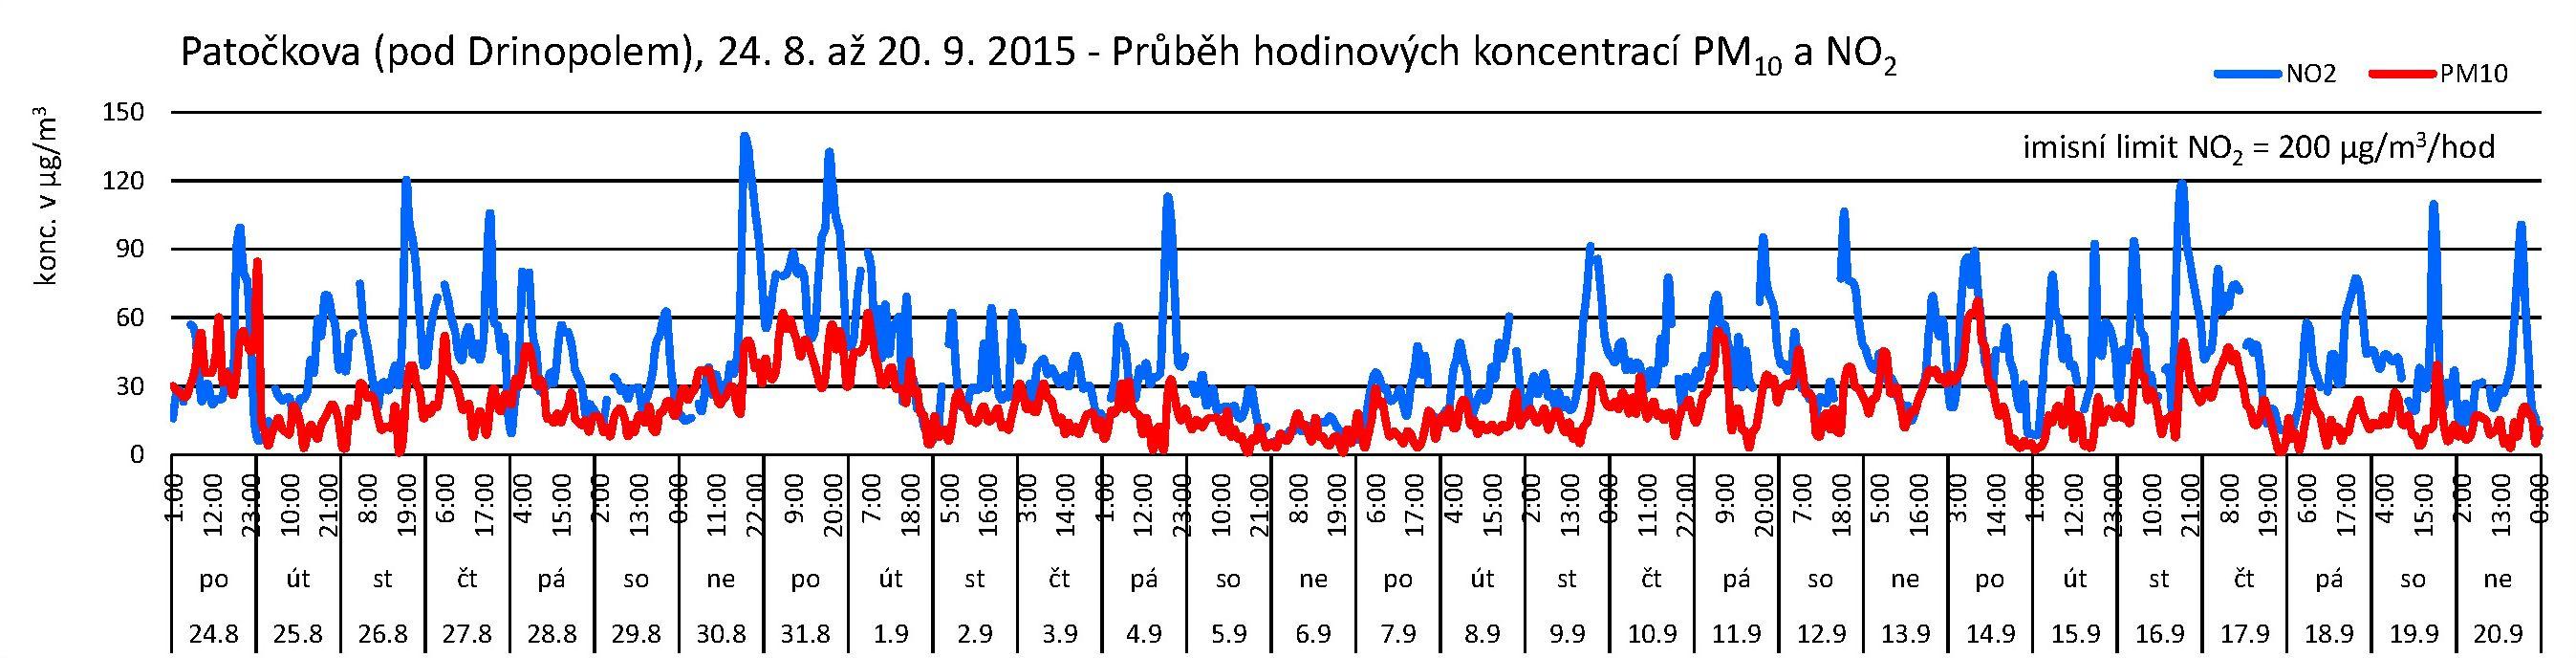 Patočkova - 09.2015 - NO2 a PM10